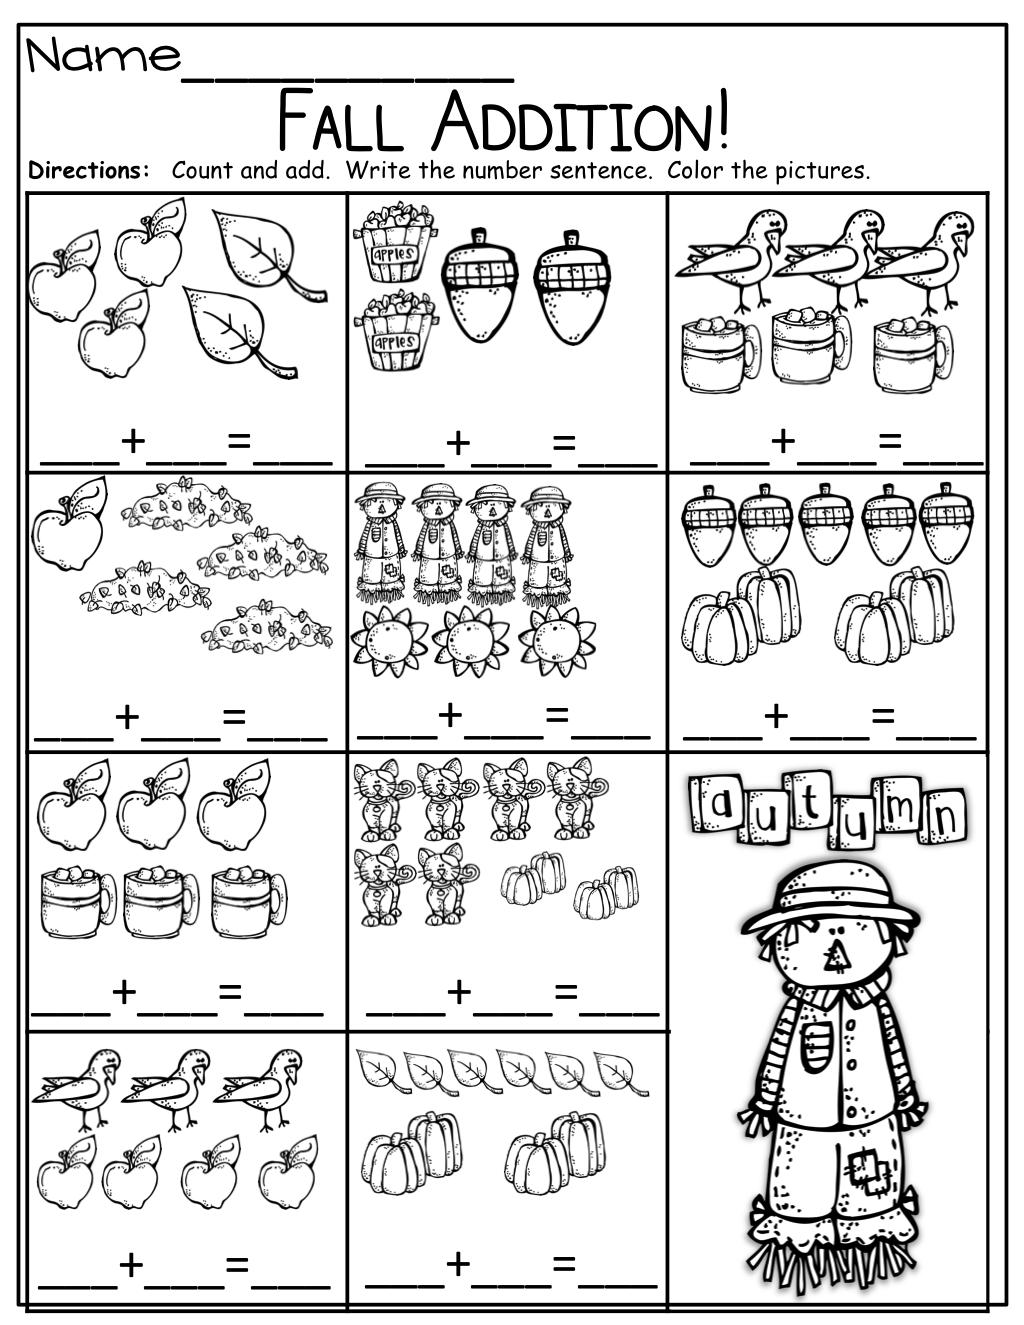 Kindergarten Math Worksheets - Best Coloring Pages For Kids